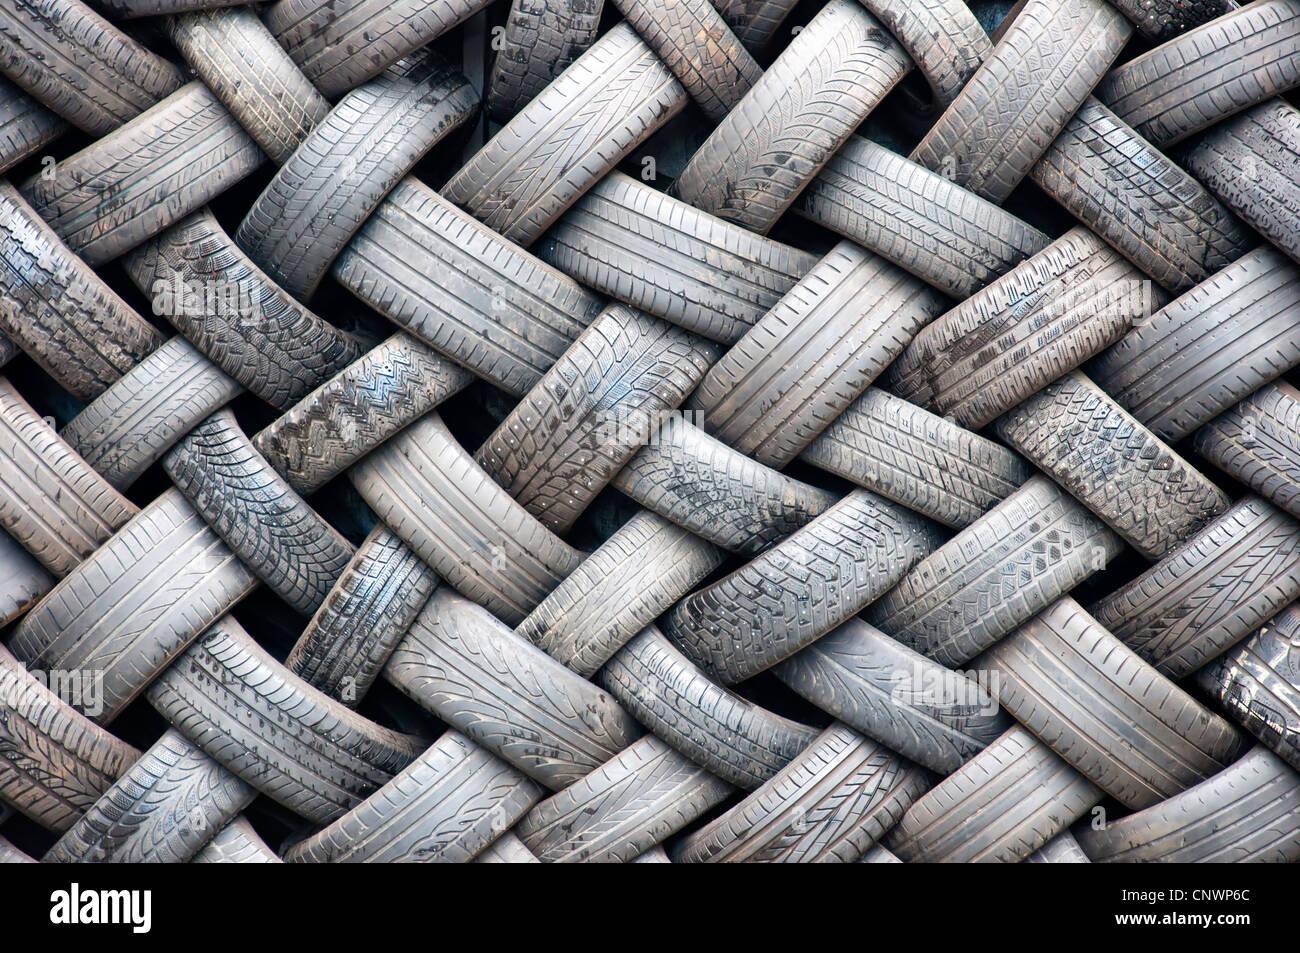 Un fondo de imagen abstracta de una pared hecha enteramente de los neumáticos de goma. Imagen De Stock